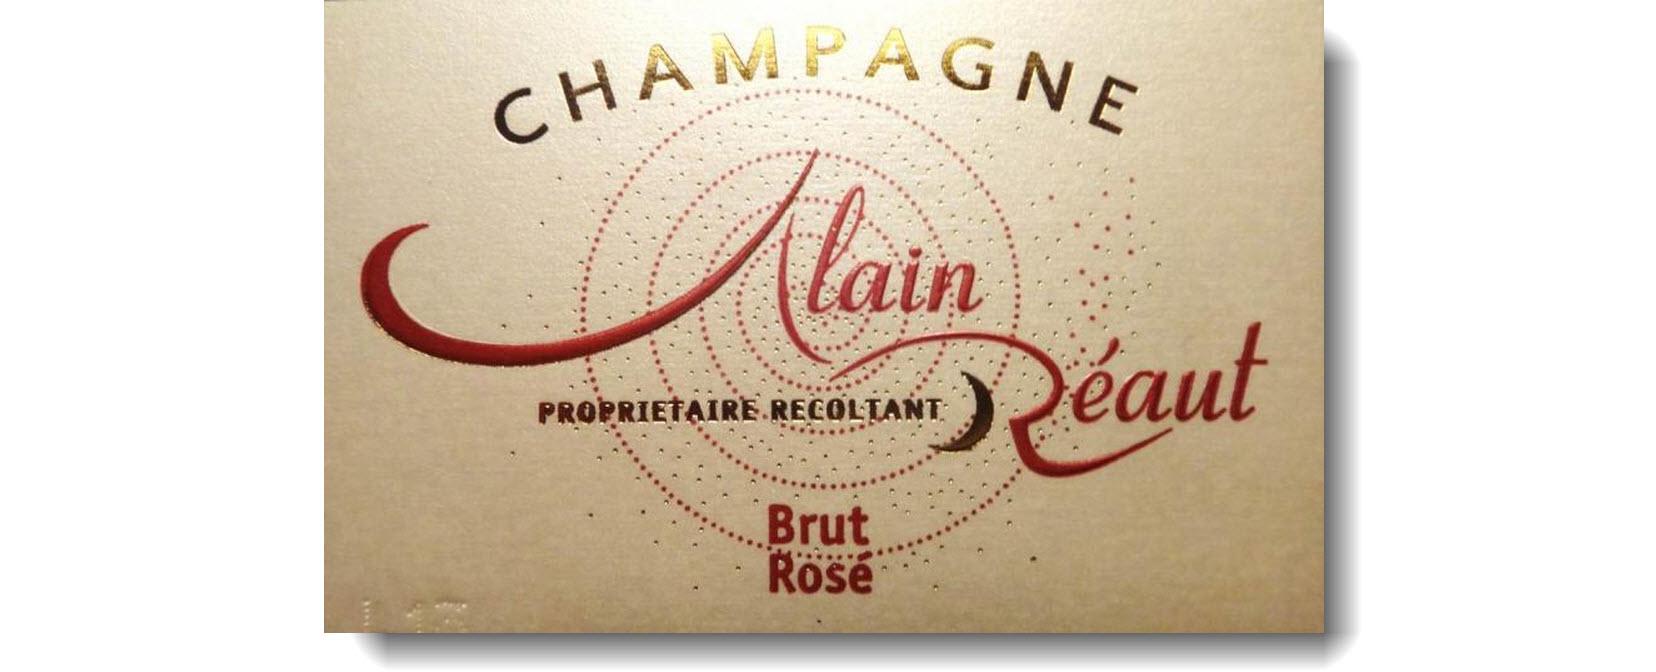 Champagne Alain Reaut